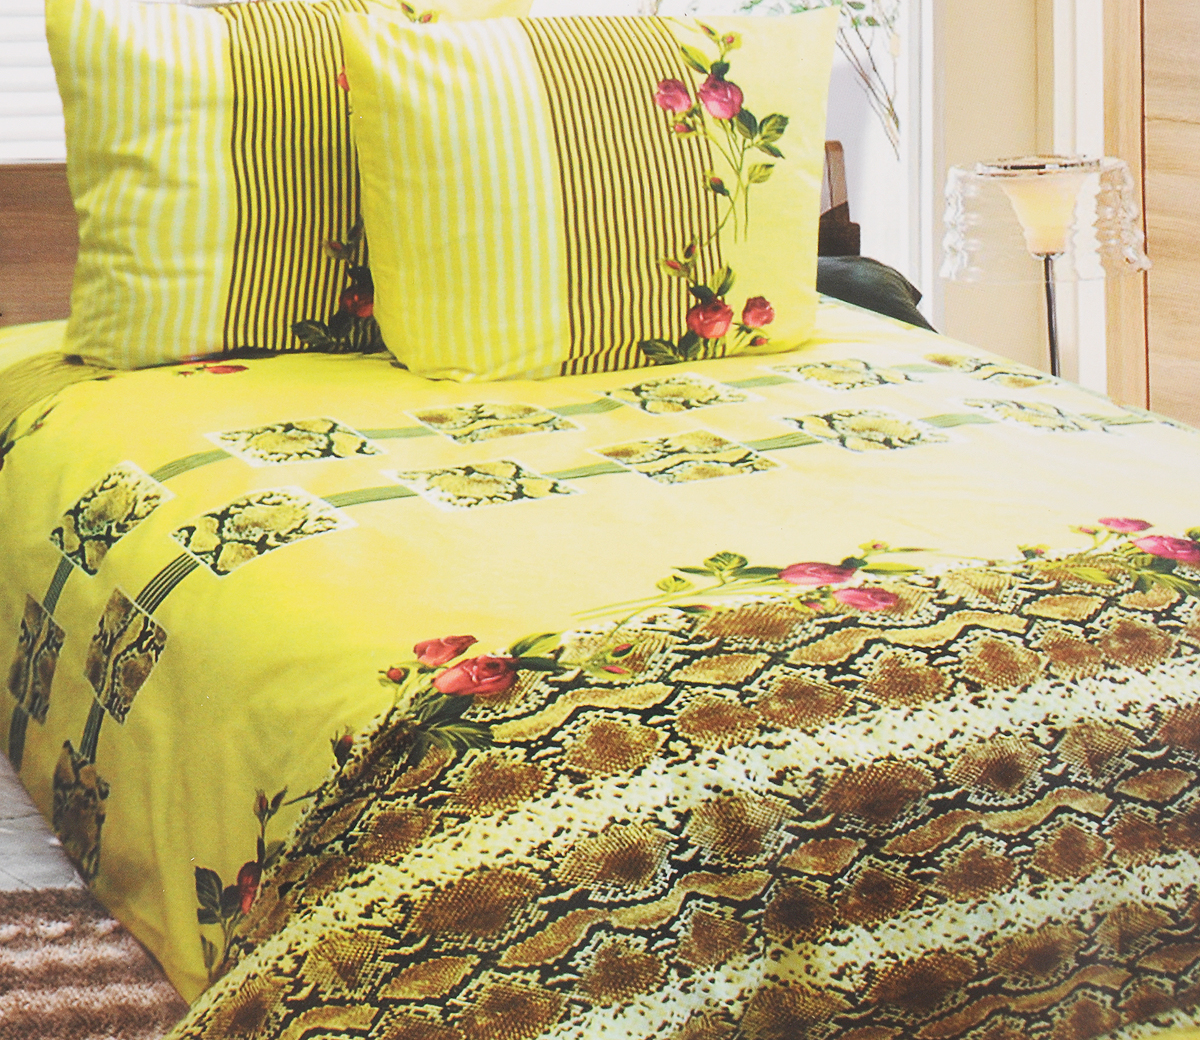 Комплект белья Катюша Клеопатра, 1,5-спальный, наволочки 70х70, цвет: светло-желтый, коричневый, красный391602Комплект постельного белья Катюша Клеопатра является экологически безопасным для всей семьи, так как выполнен из бязи (100% хлопок). Комплект состоит из пододеяльника, простыни и двух наволочек. Постельное белье оформлено оригинальным рисунком и имеет изысканный внешний вид.Бязь - это ткань полотняного переплетения, изготовленная из экологически чистого и натурального 100% хлопка. Она прочная, мягкая, обладает низкой сминаемостью, легко стирается и хорошо гладится. Бязь прекрасно пропускает воздух и за ней легко ухаживать. При соблюдении рекомендуемых условий стирки, сушки и глажения ткань имеет усадку по ГОСТу, сохранятся яркость текстильных рисунков. Приобретая комплект постельного белья Катюша Клеопатра, вы можете быть уверены в том, что покупка доставит вам и вашим близким удовольствие иподарит максимальный комфорт.